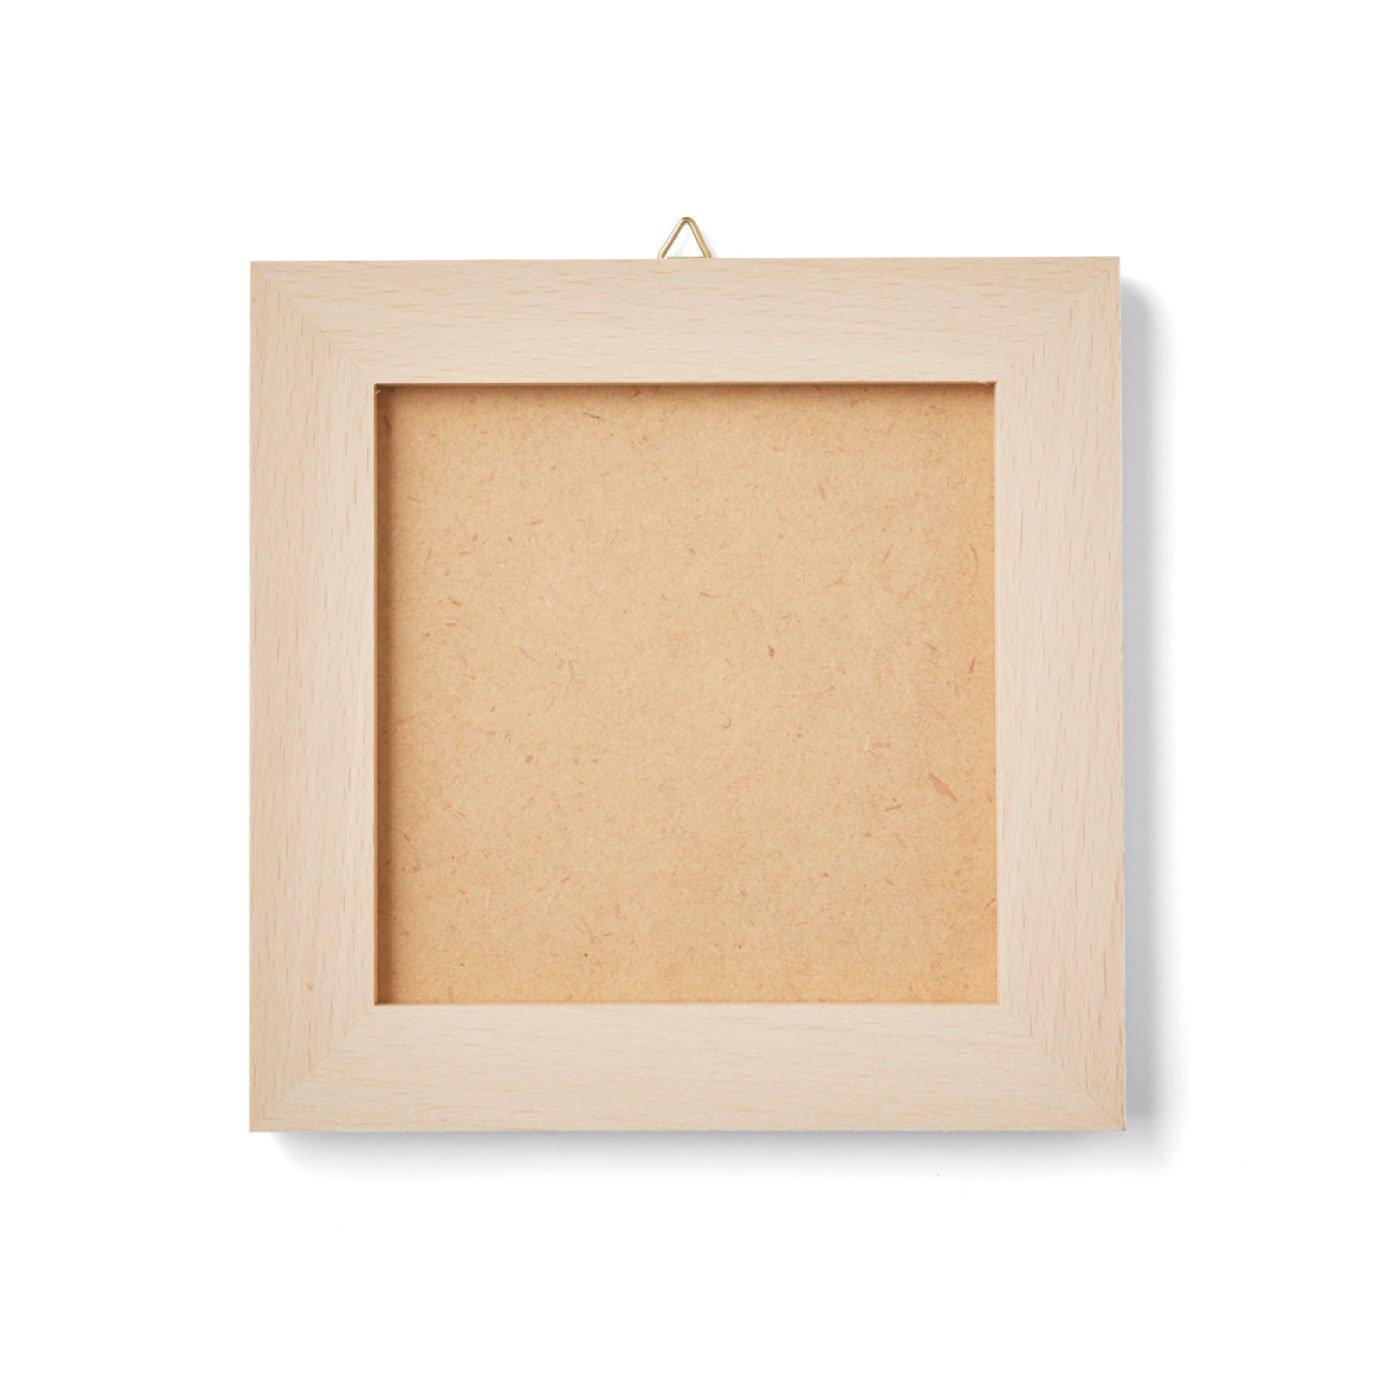 作品を引き立てる 正方形のシンプルフレーム